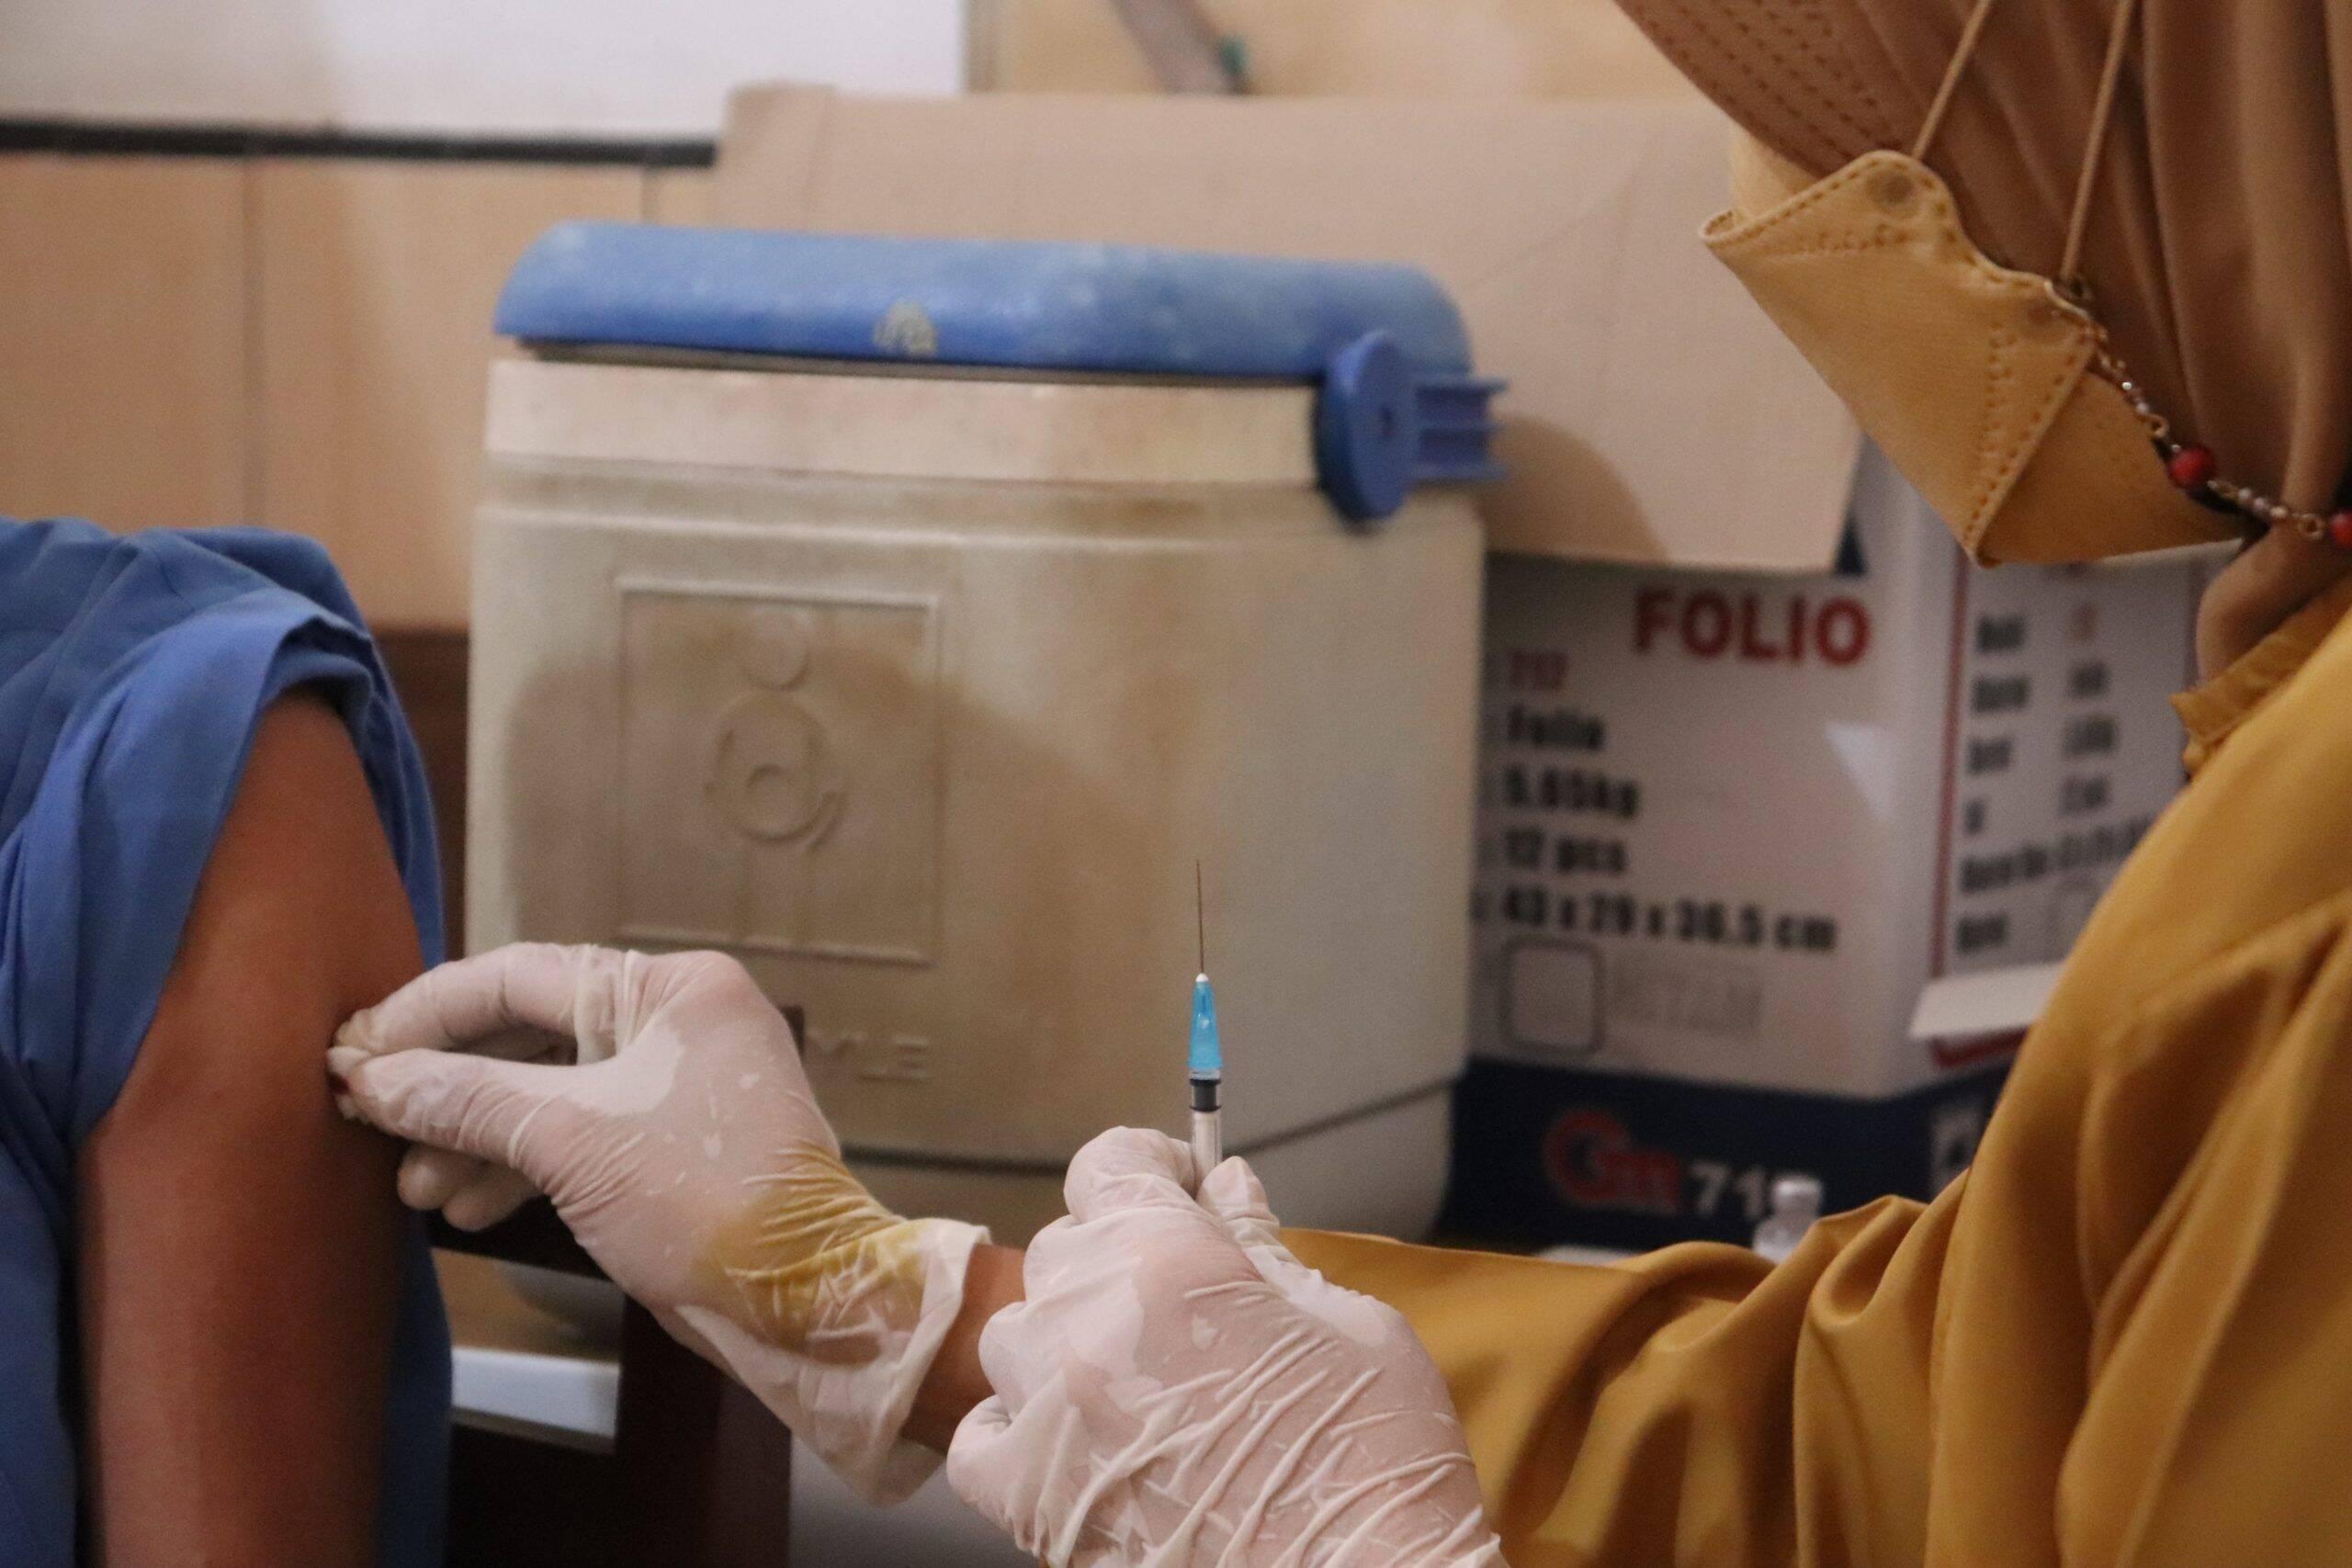 O país que recentemente passou por uma nova onda de Covid-19, tem 4,27 milhões parcialmente imunizadas contra a Covid-19. (Foto: Unsplash)